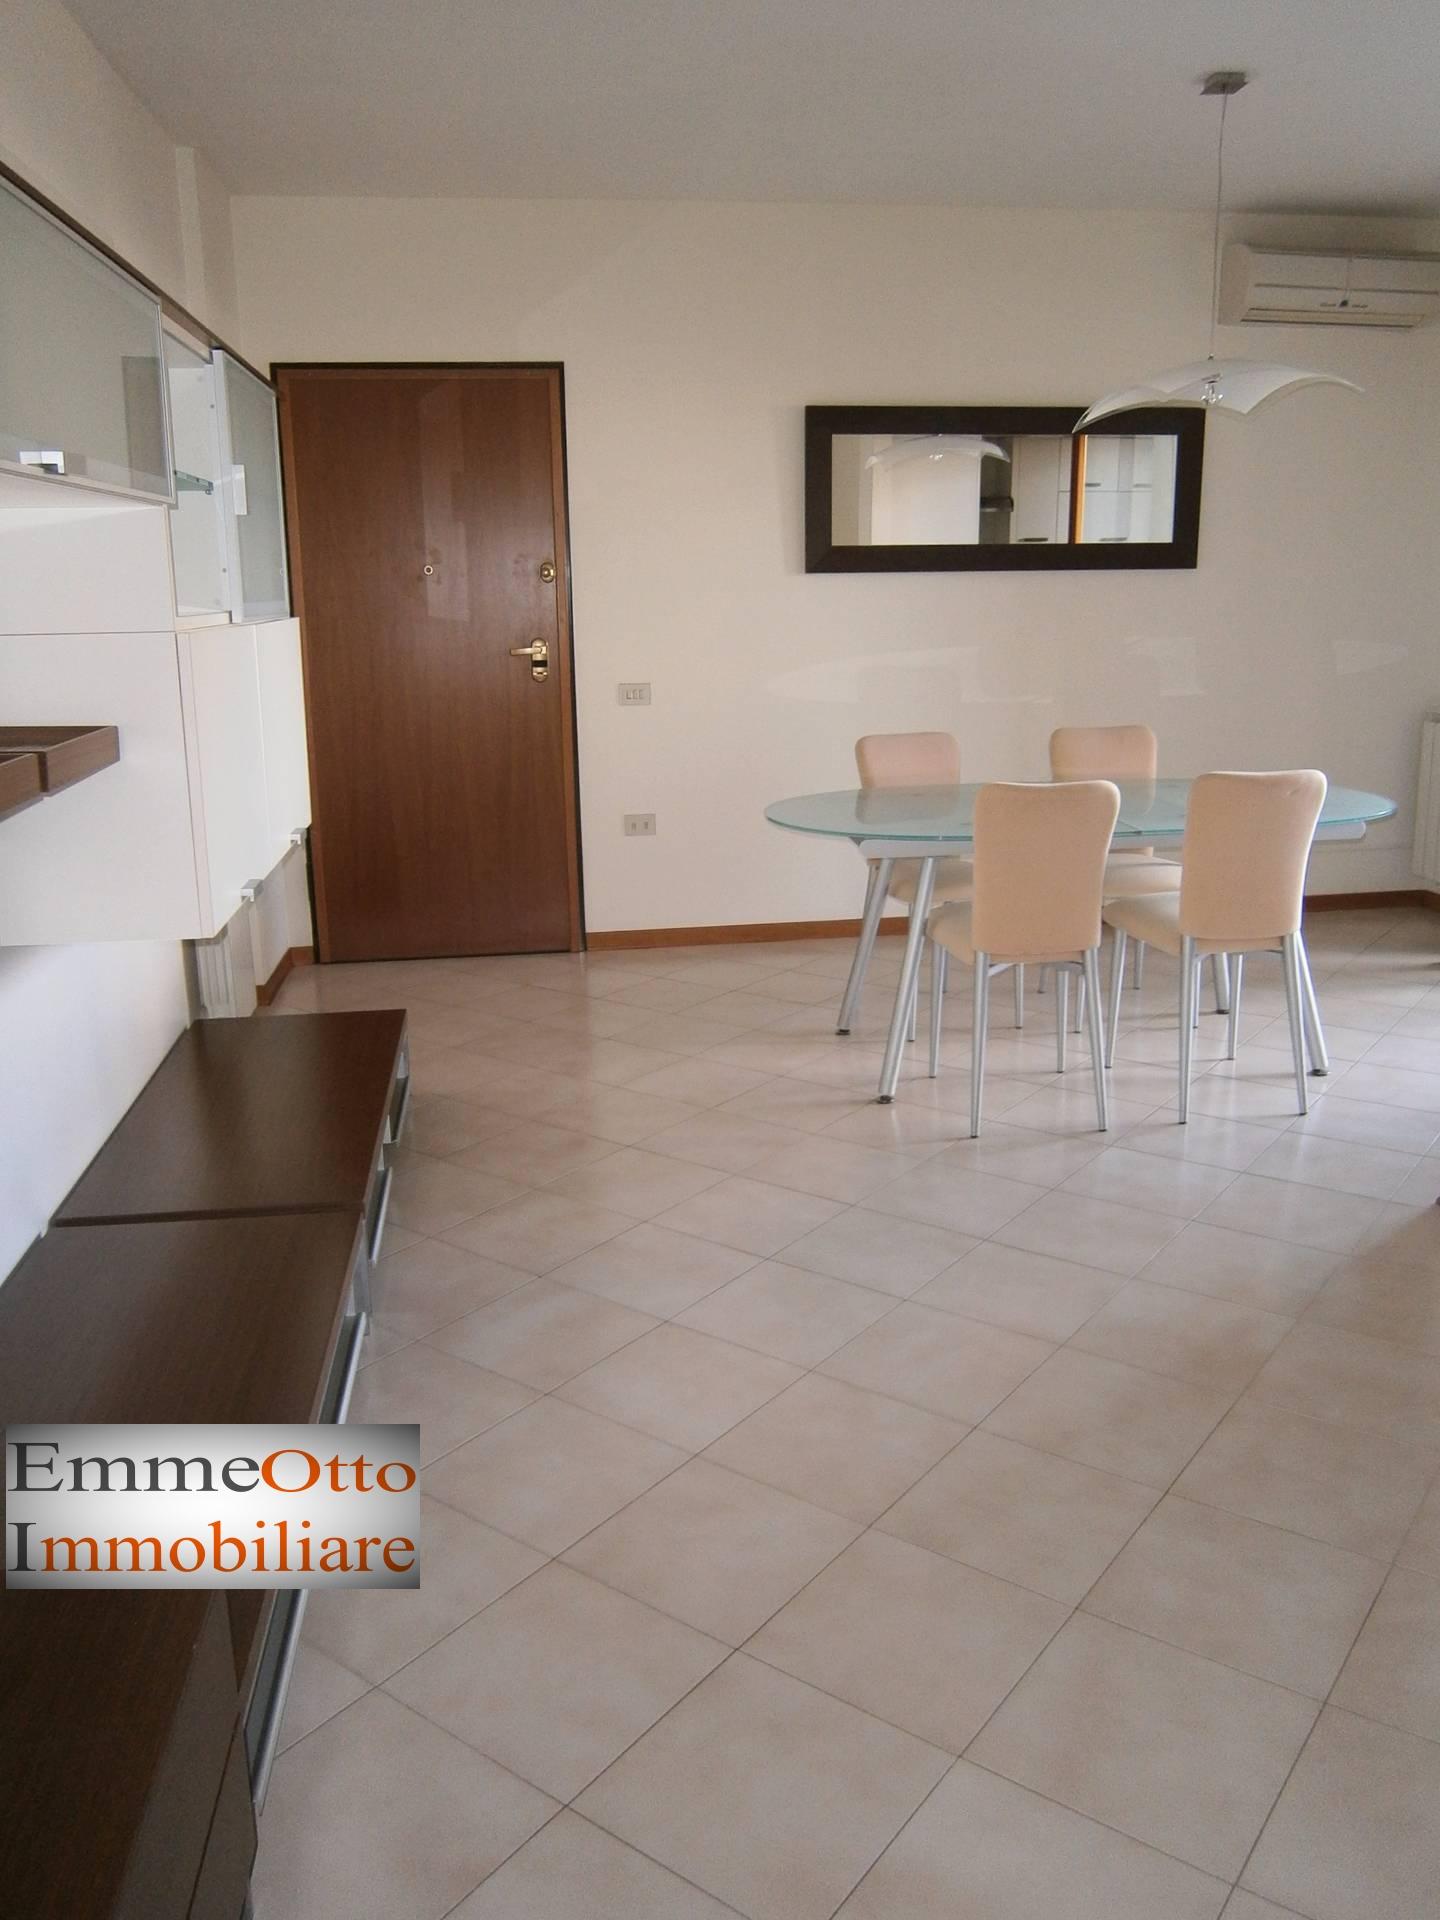 Appartamento in affitto a Cagliari, 3 locali, prezzo € 800 | CambioCasa.it